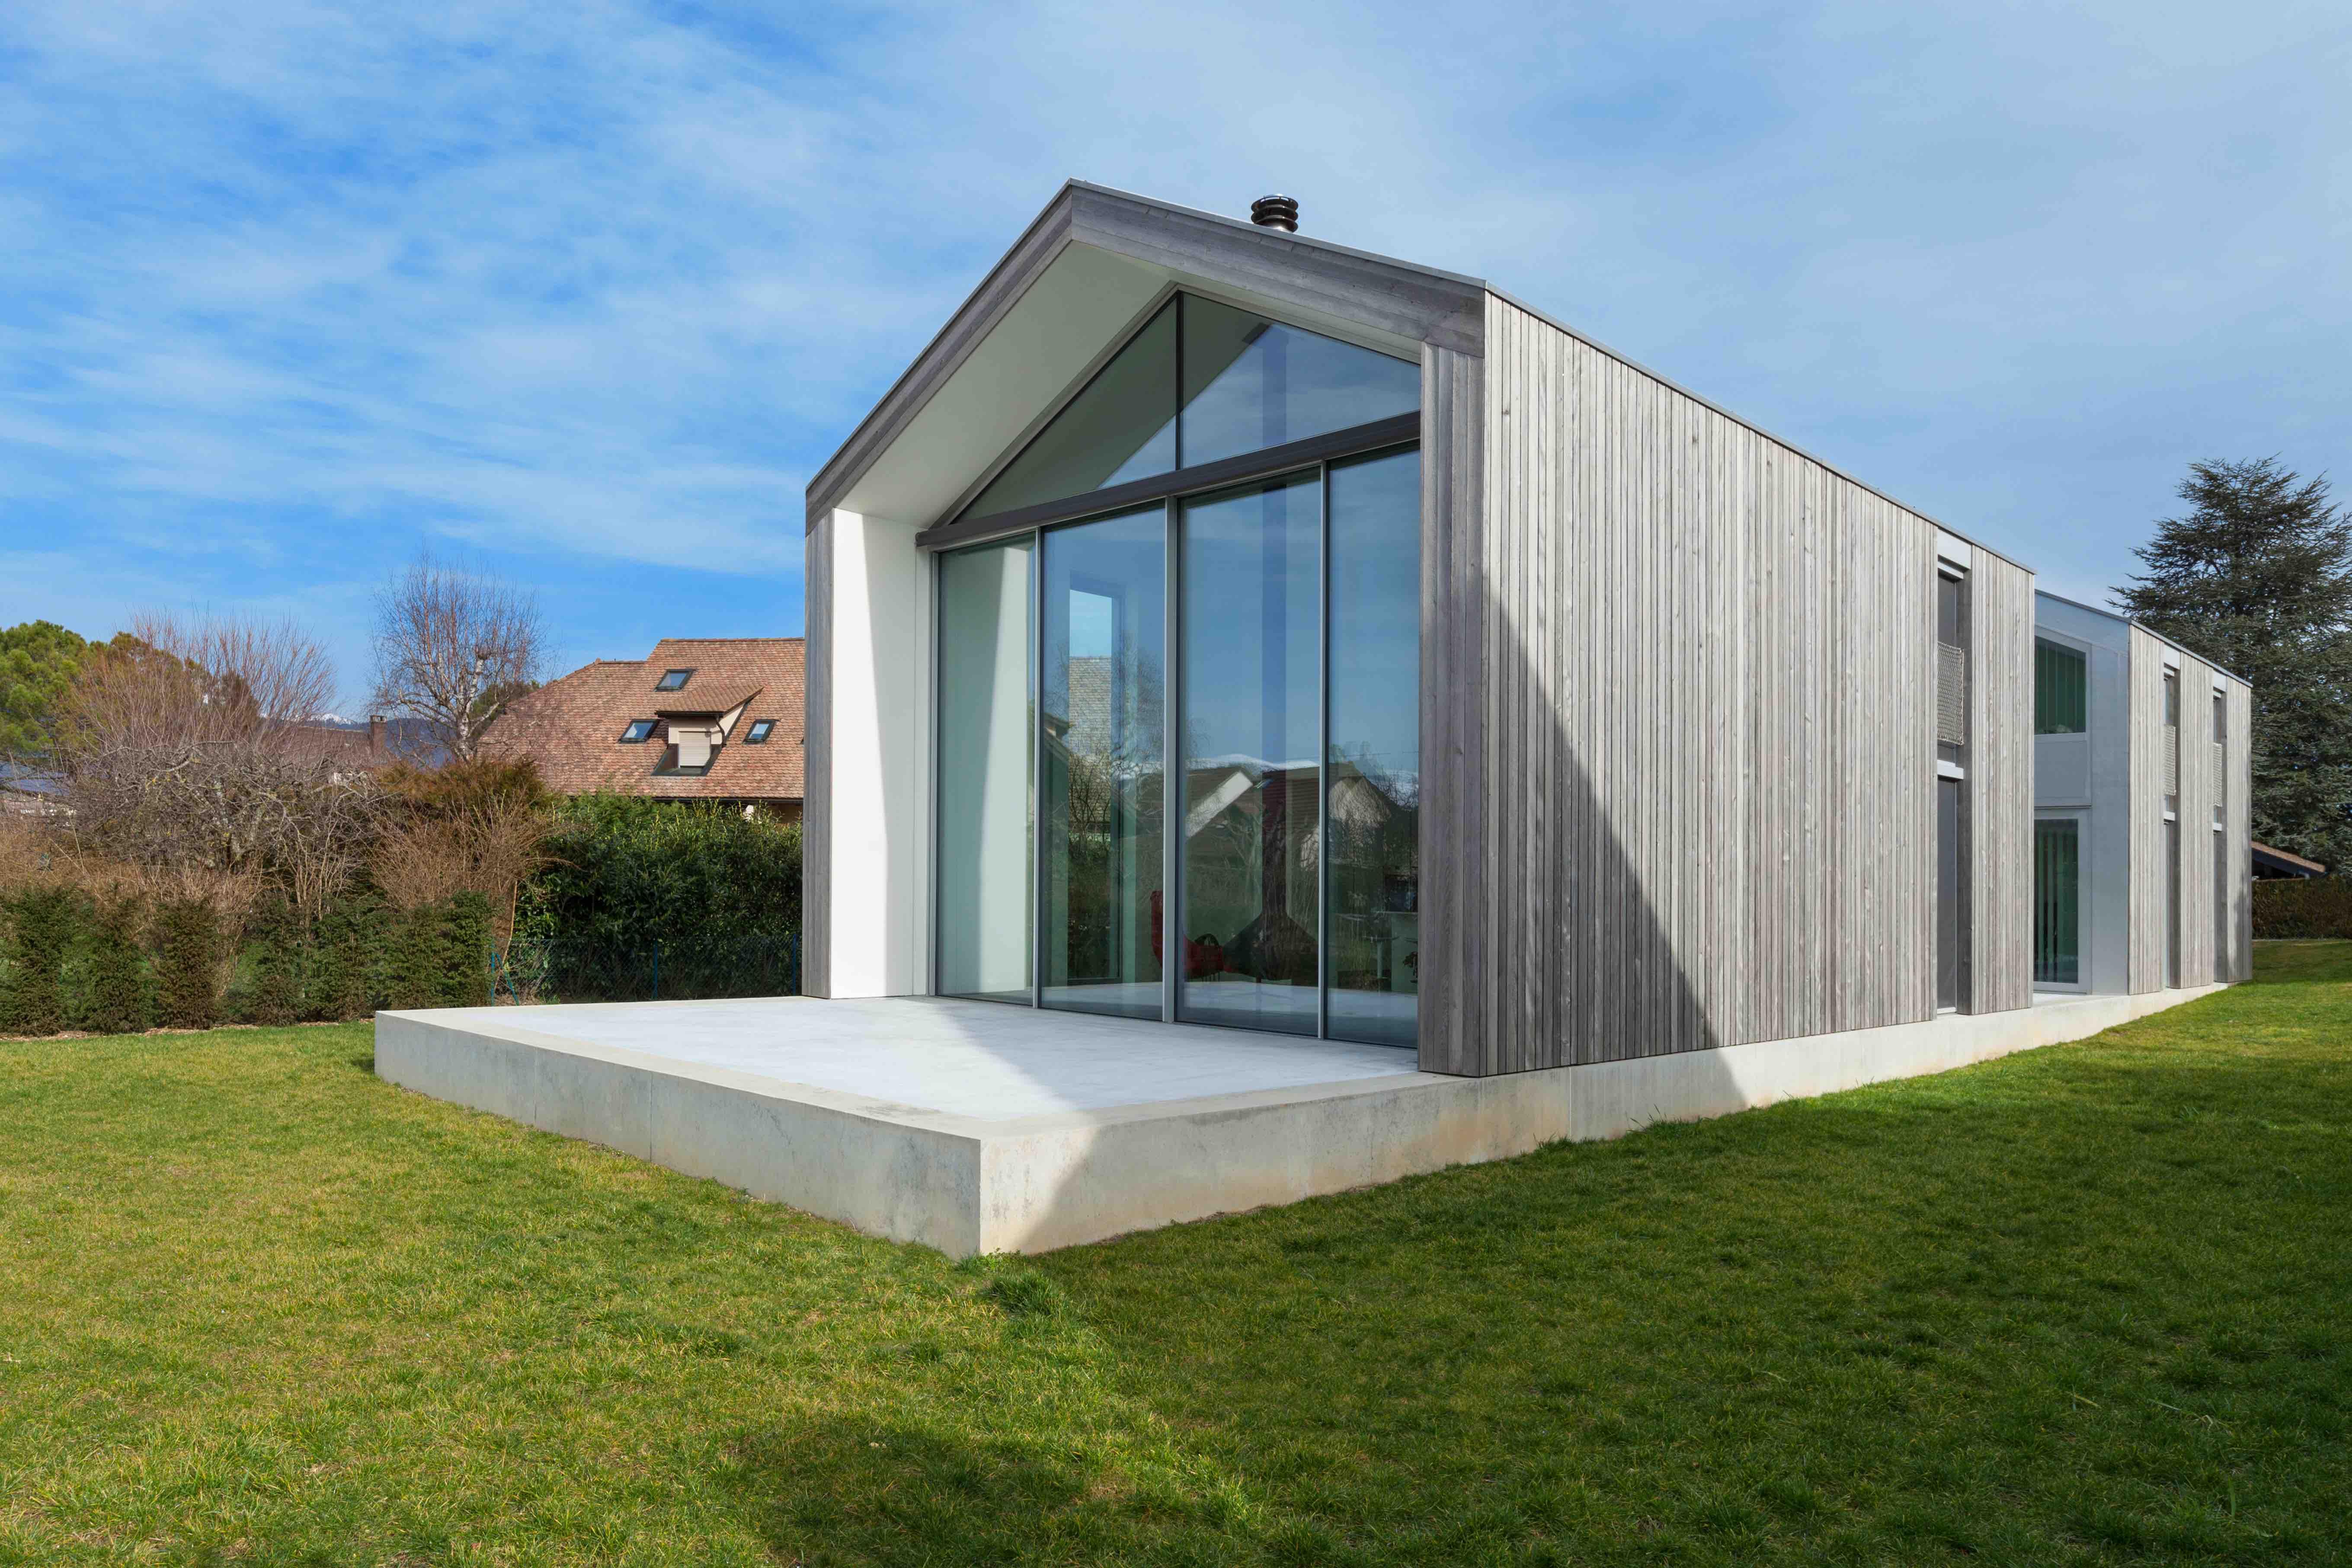 Maison En Bois Normandie maitre d'oeuvre en normandie : greenhouseproject